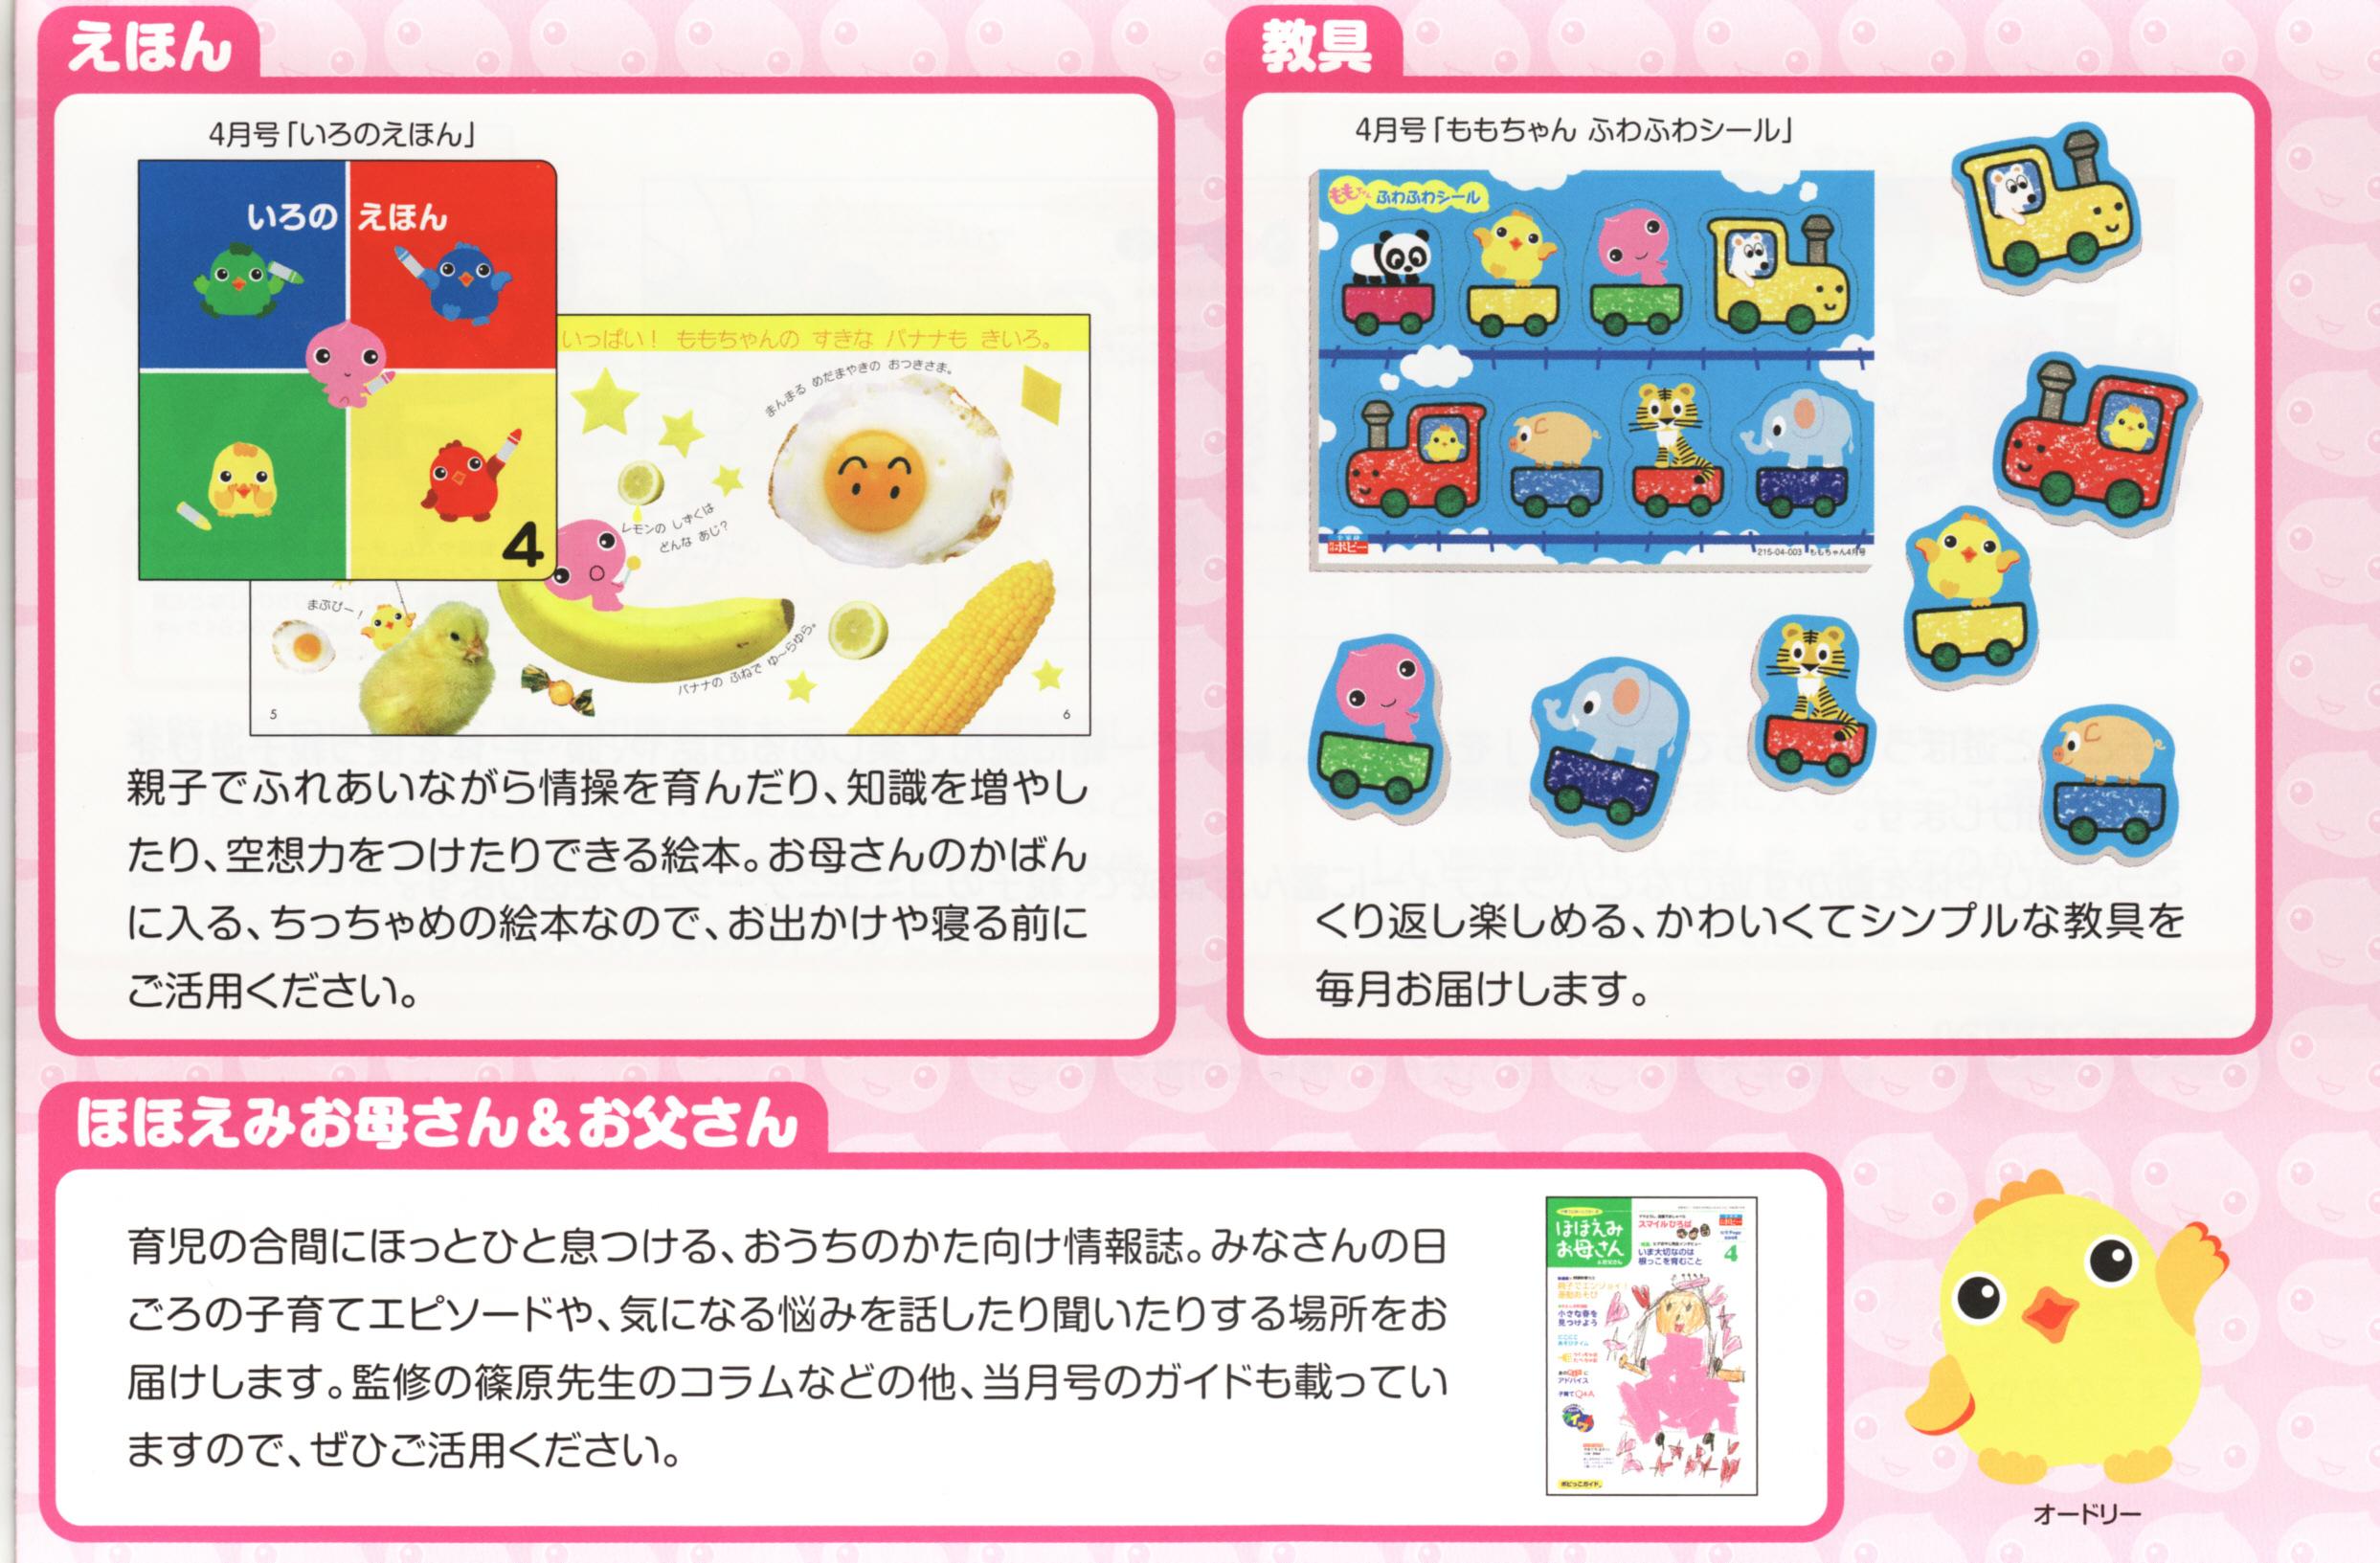 月刊幼児ポピーももちゃん(2~3才児向け月刊誌)